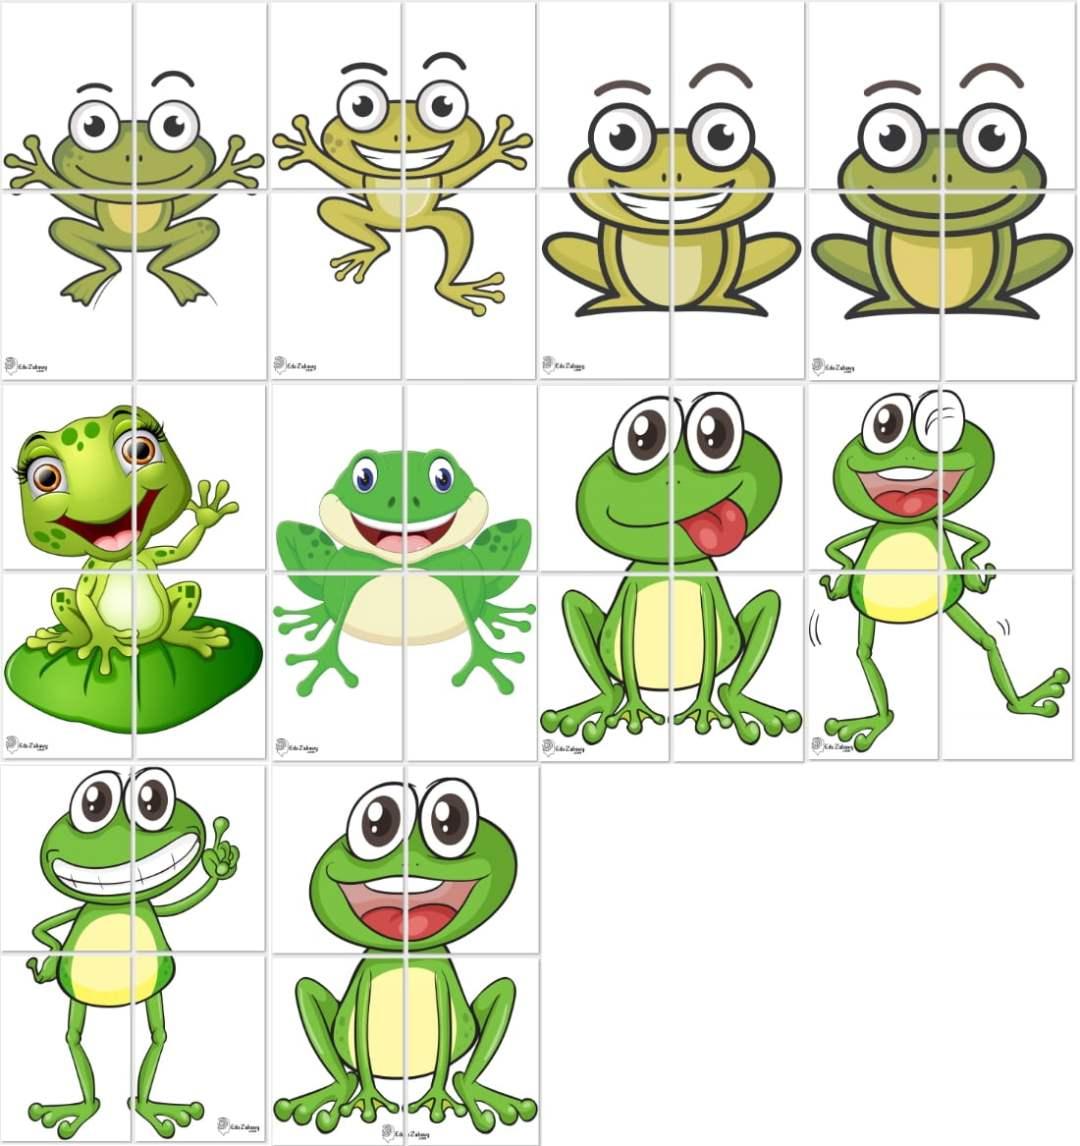 Dekoracje XXL: żaby (10 szablonów) Dekoracje Dekoracje (Dzień Wody) Dekoracje (Wiosna) Dekoracje XXL (Pożegnanie przedszkola) Dekoracje XXL (Zakończenie roku)